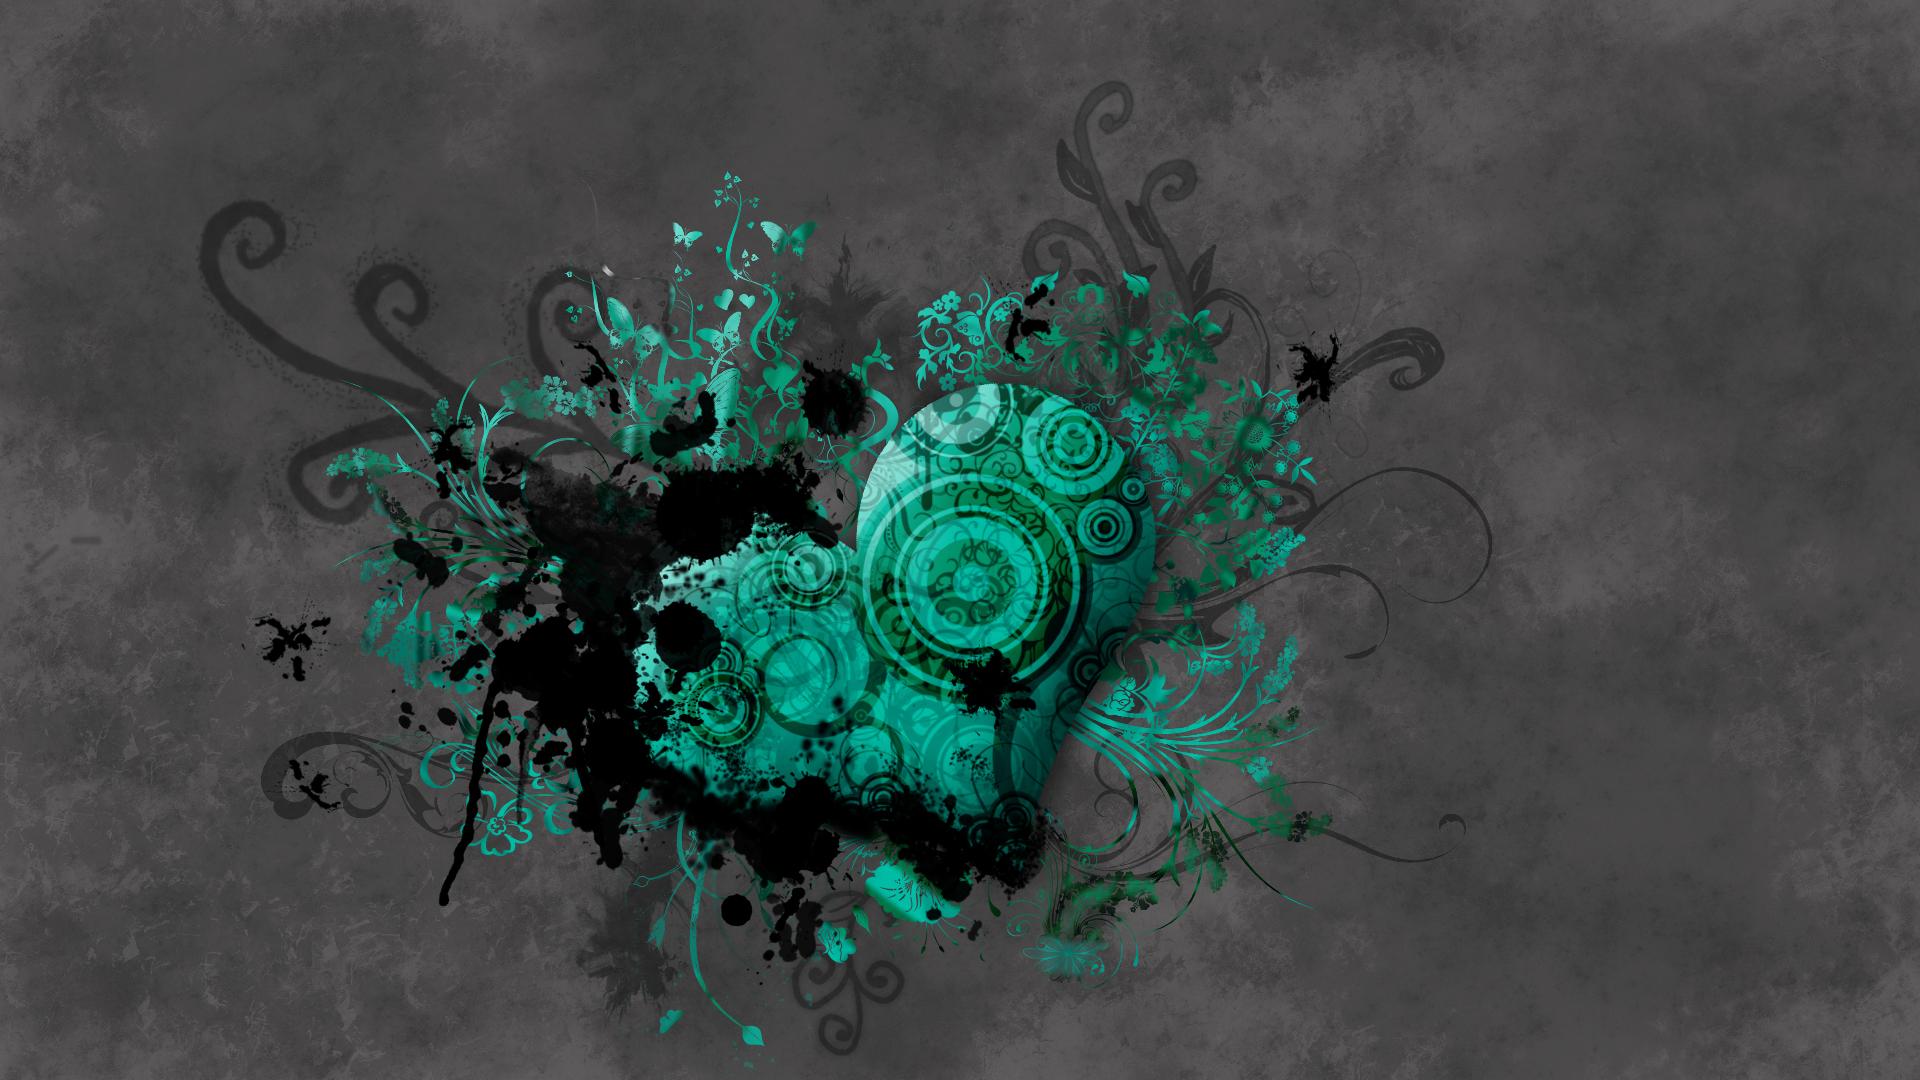 Http Aket Designs Deviantart Com Art Heart 152503533